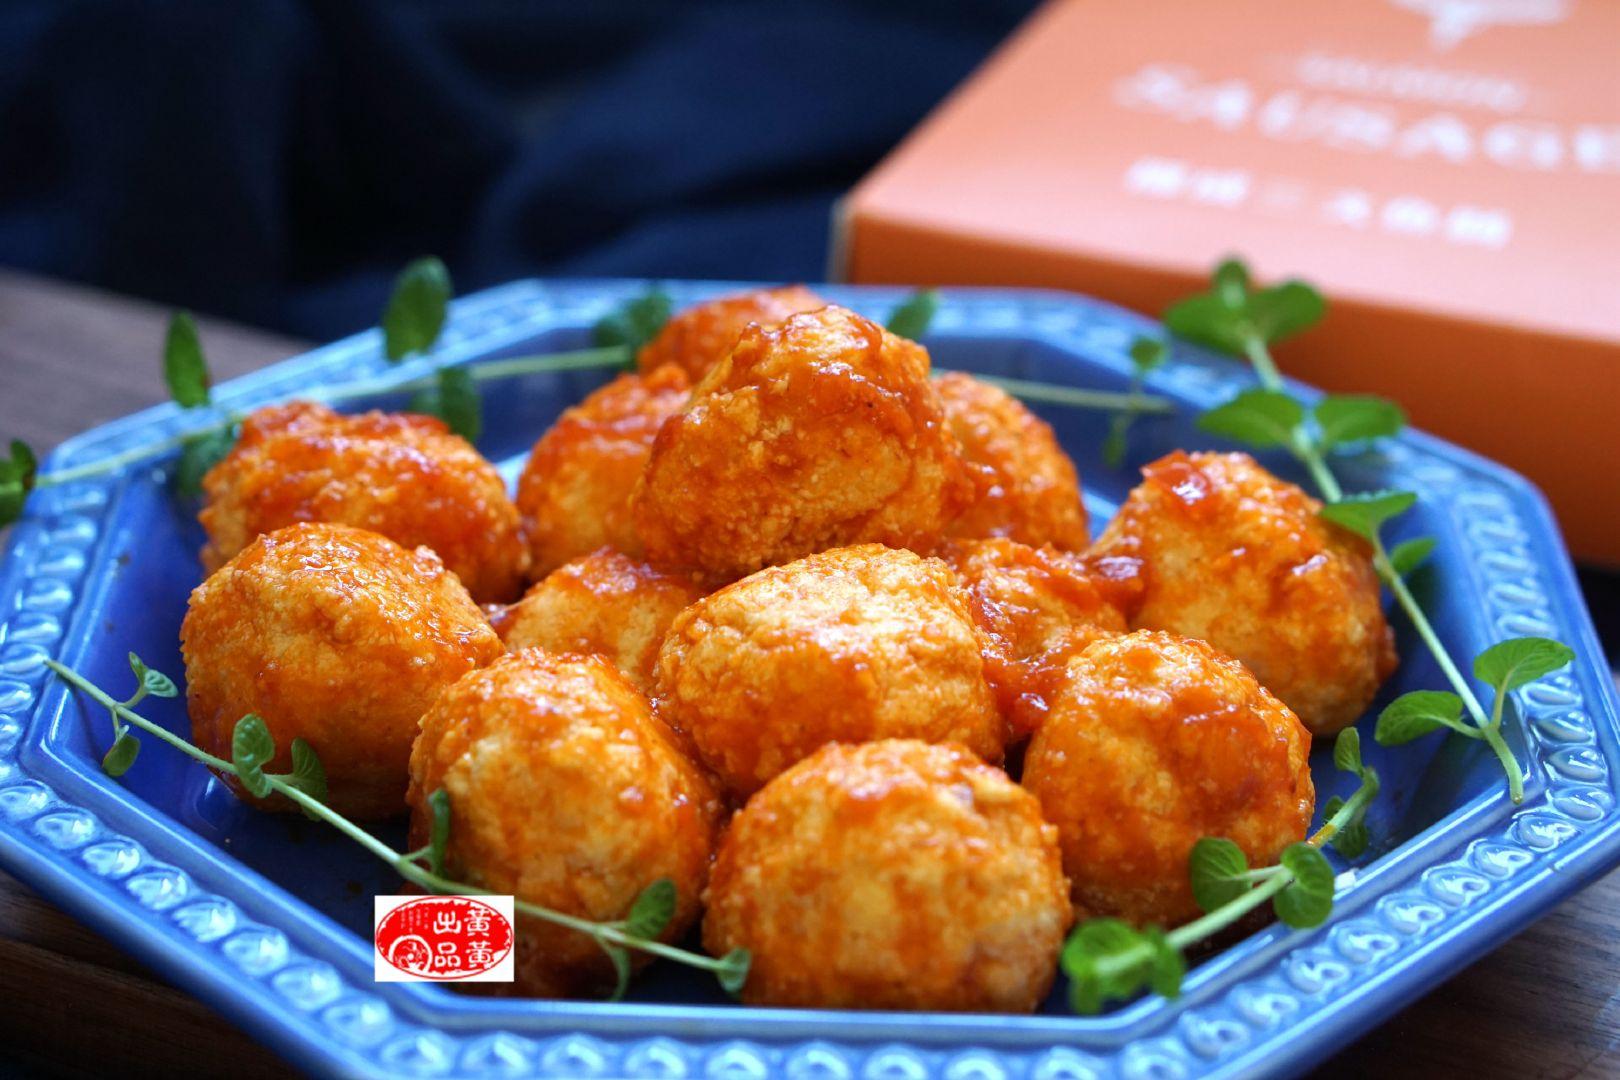 茄汁豆腐丸,豆腐和三文鱼搭配,营养有了新高度,上桌10秒钟被抢光